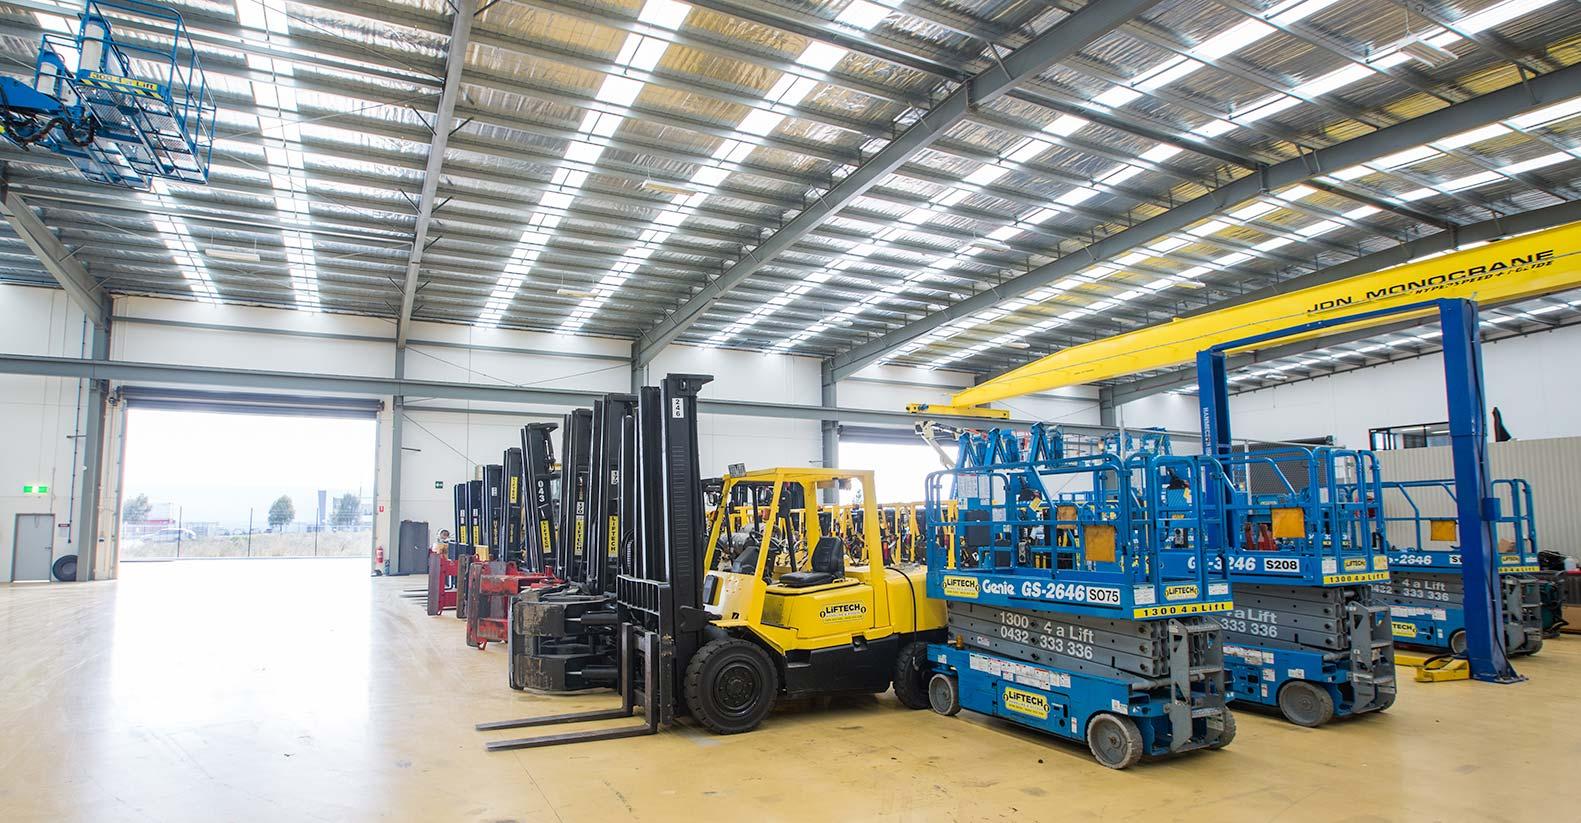 Electric Forklifts Rental Melbourne